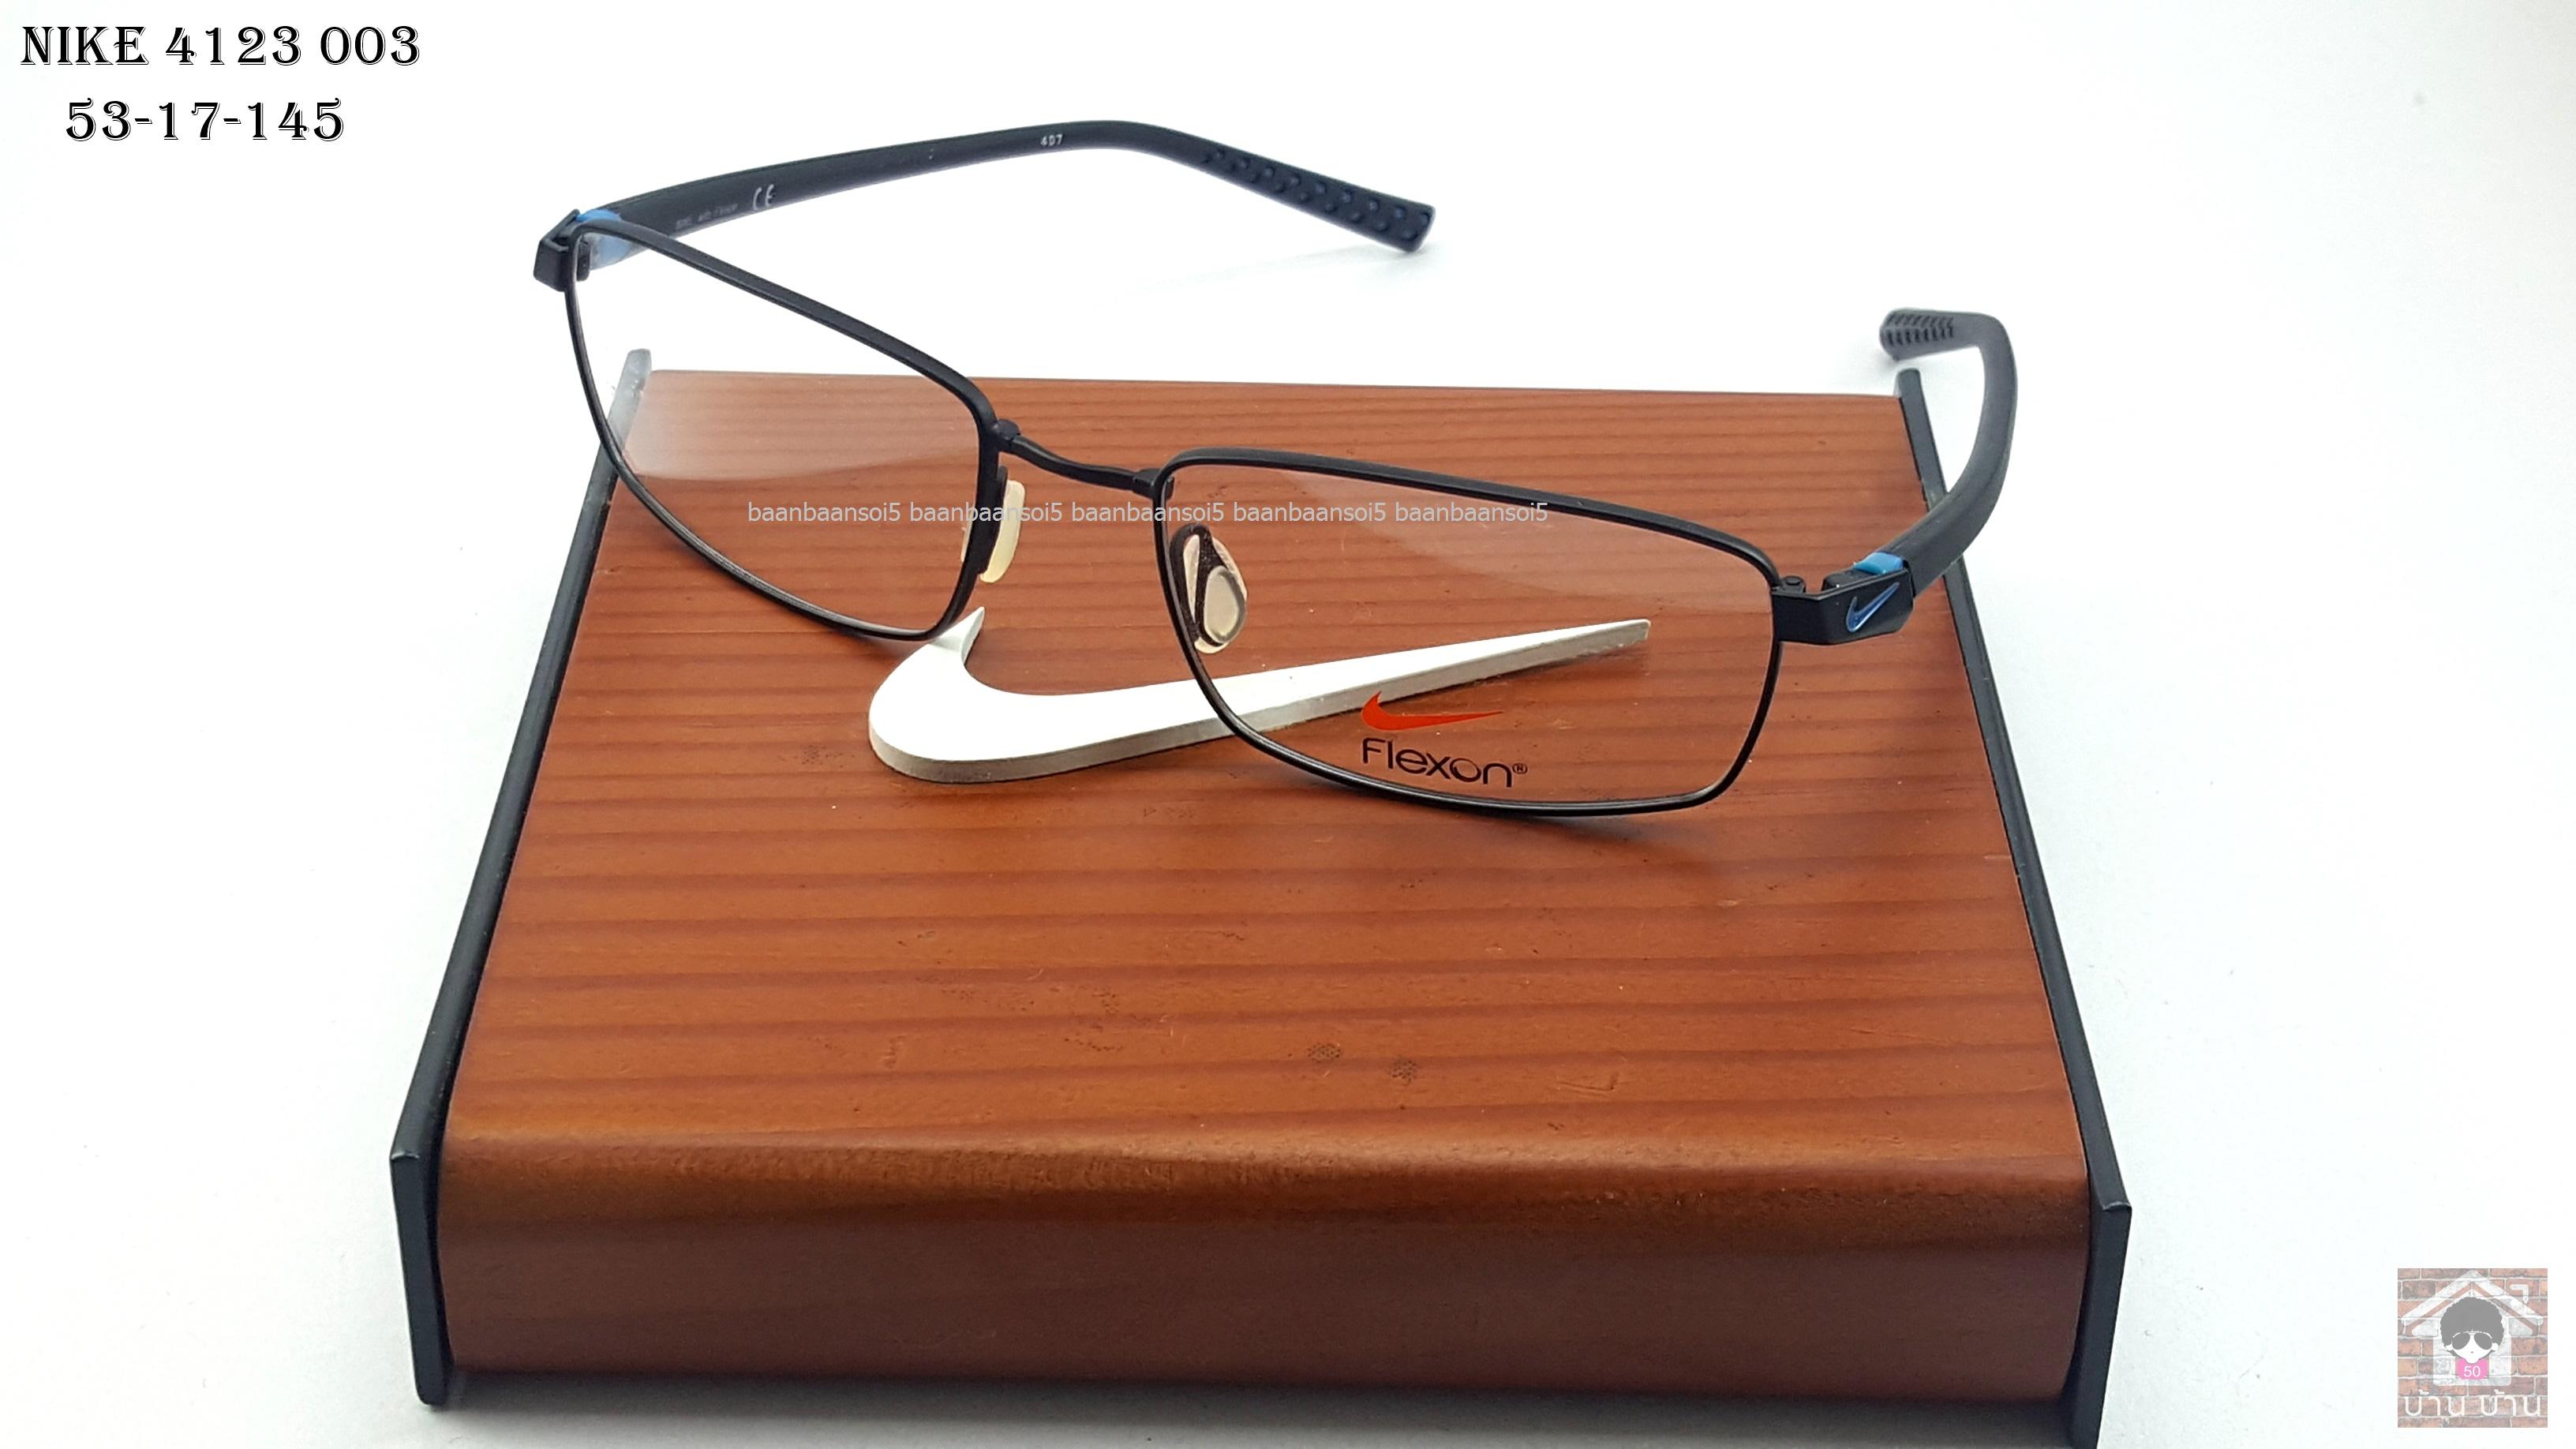 NIKE BRAND ORIGINALแท้ Flexon 4213 003 กรอบแว่นตาพร้อมเลนส์ มัลติโค๊ตHOYA ป้องกันรังสีคอม 5,200 บาท